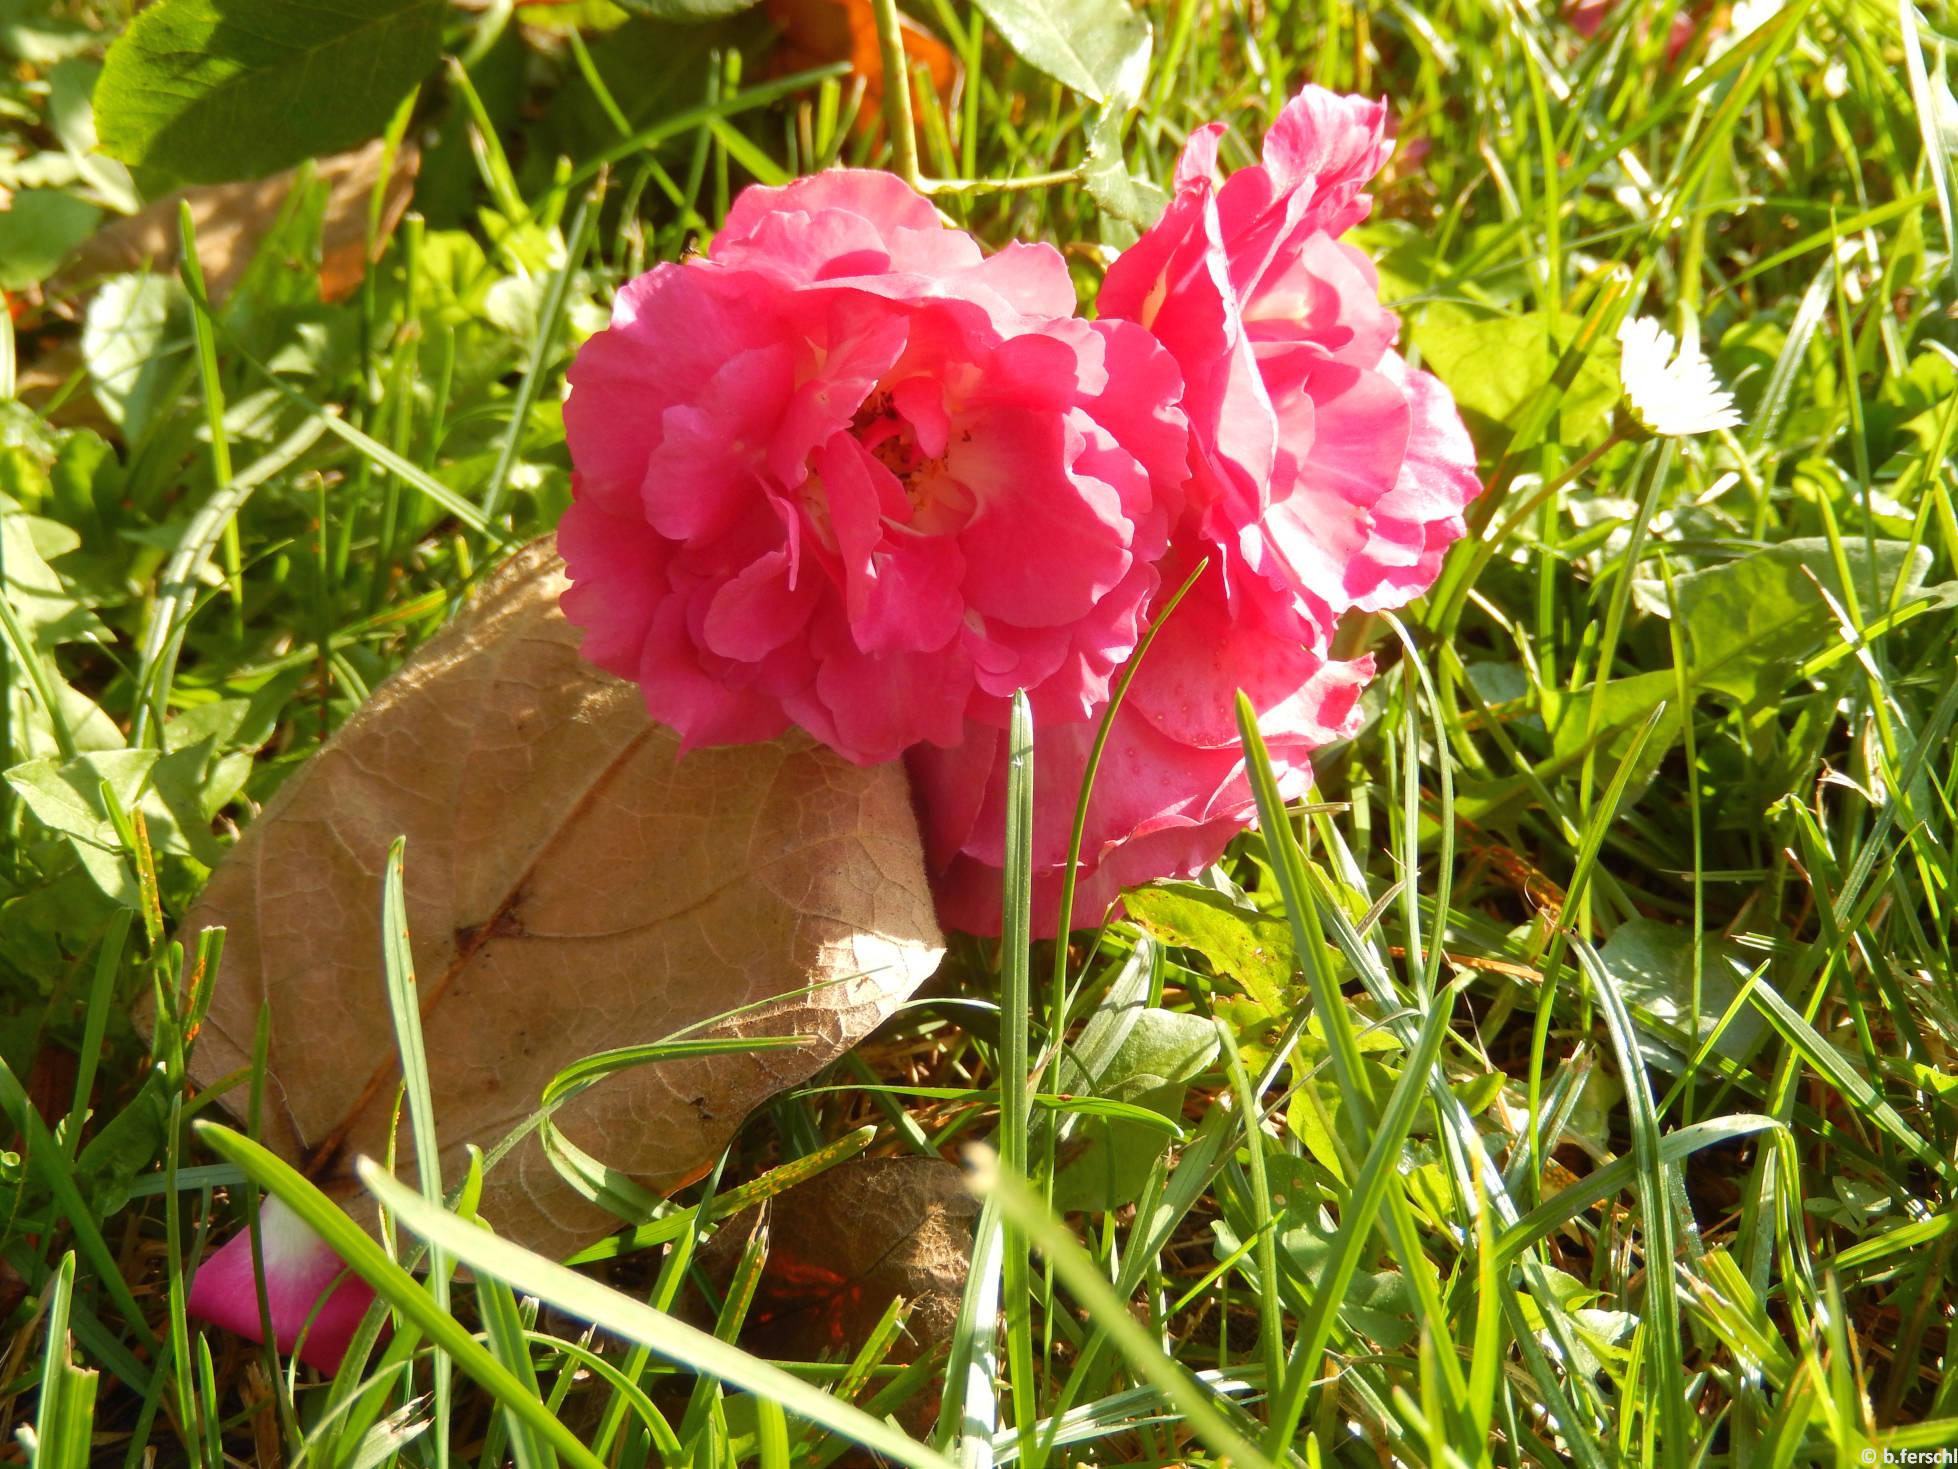 Árpádházi Szent Piroska floribunda rózsa